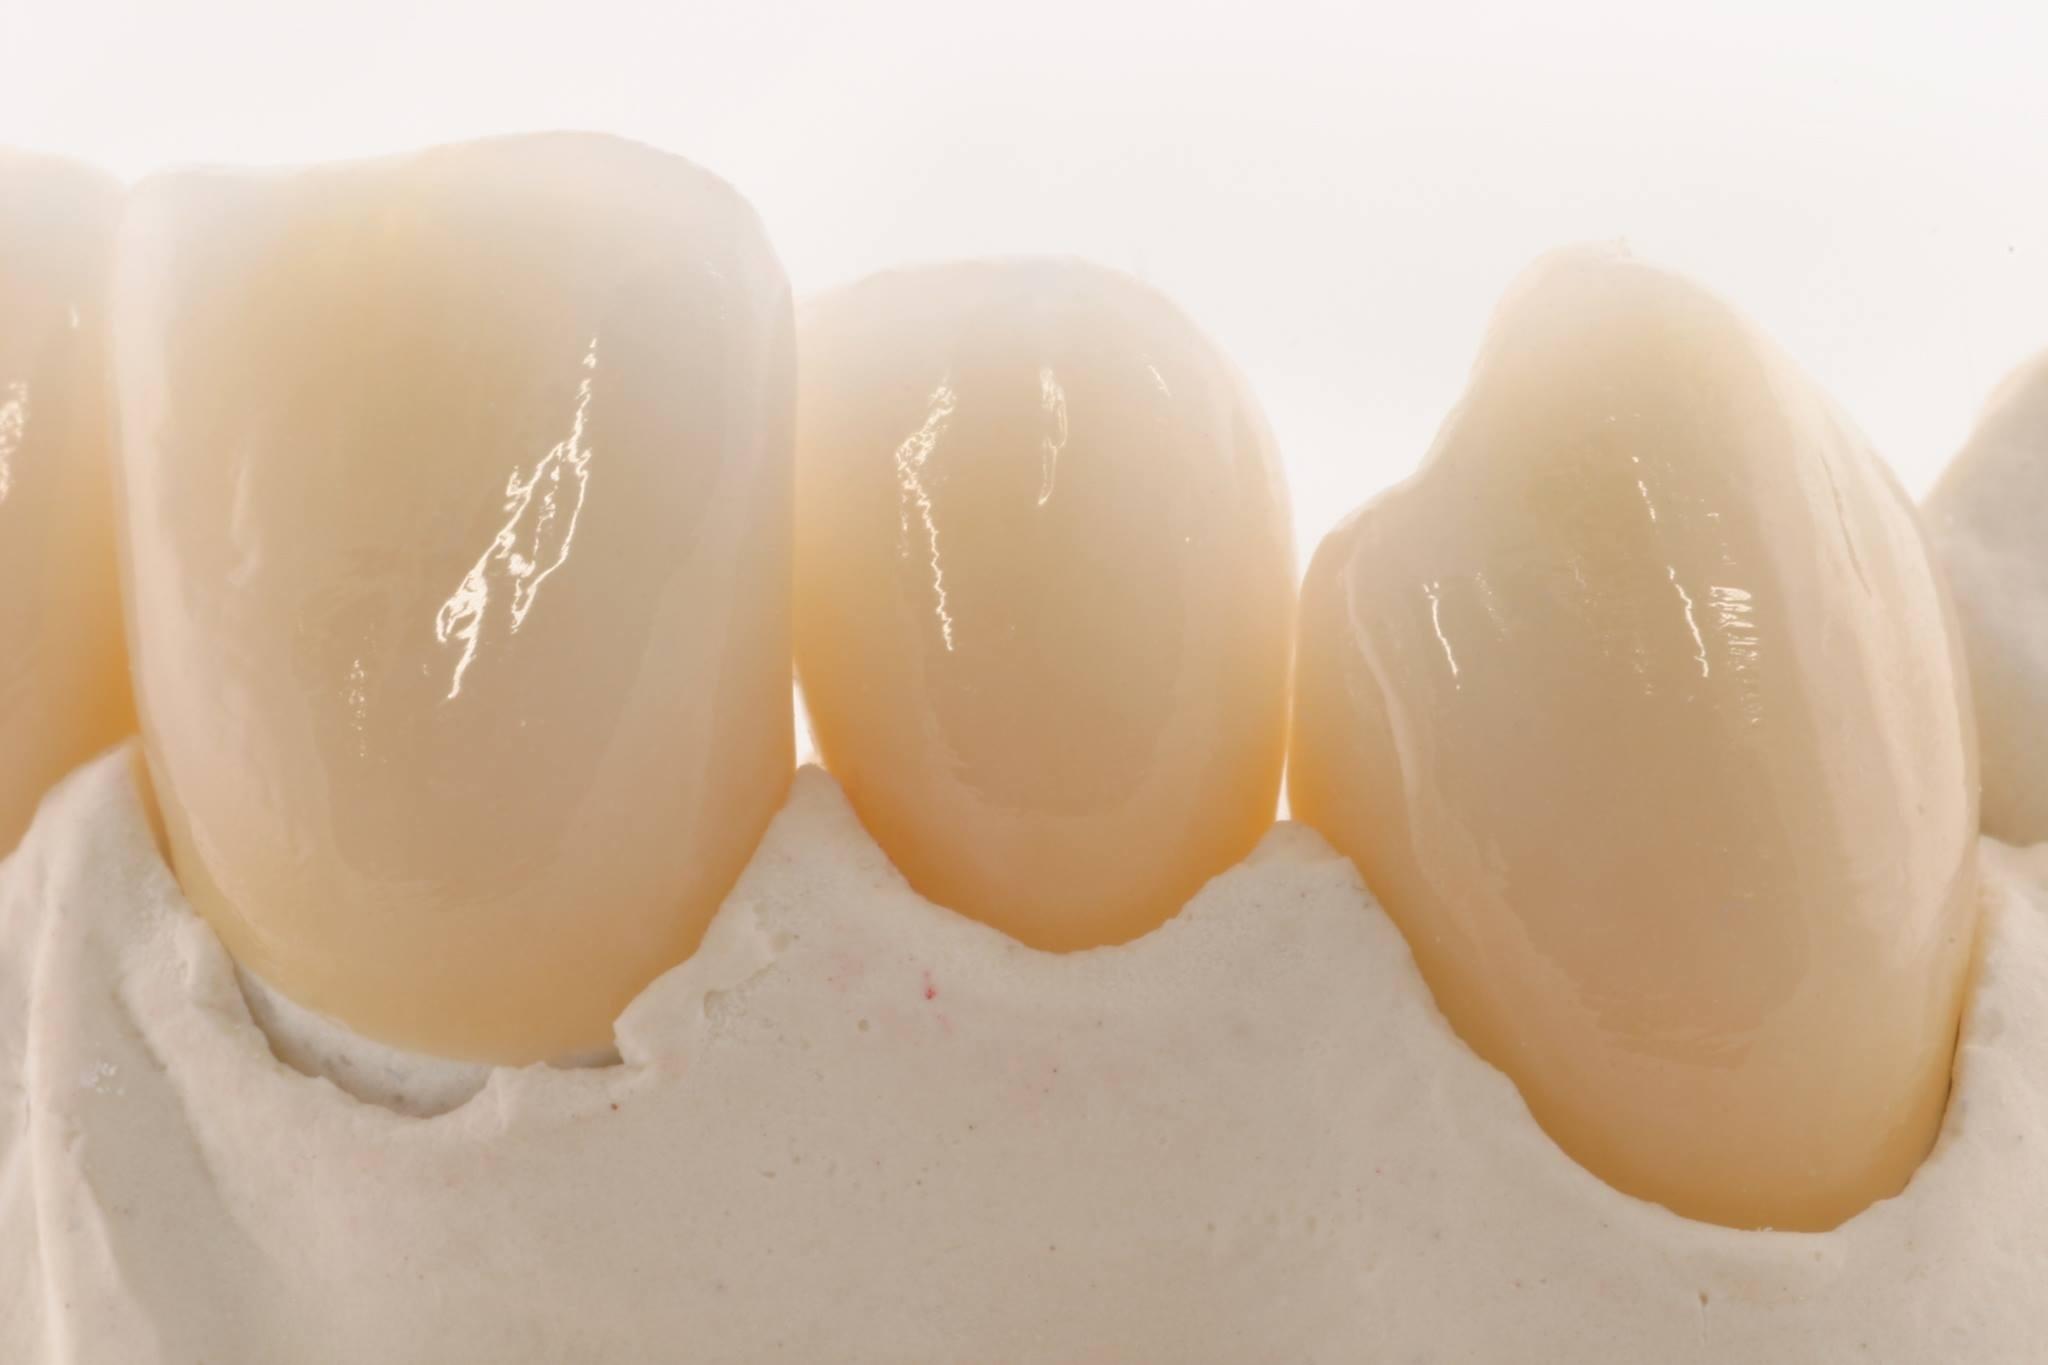 Private Krankenkassen Zahnersatz Gutachten